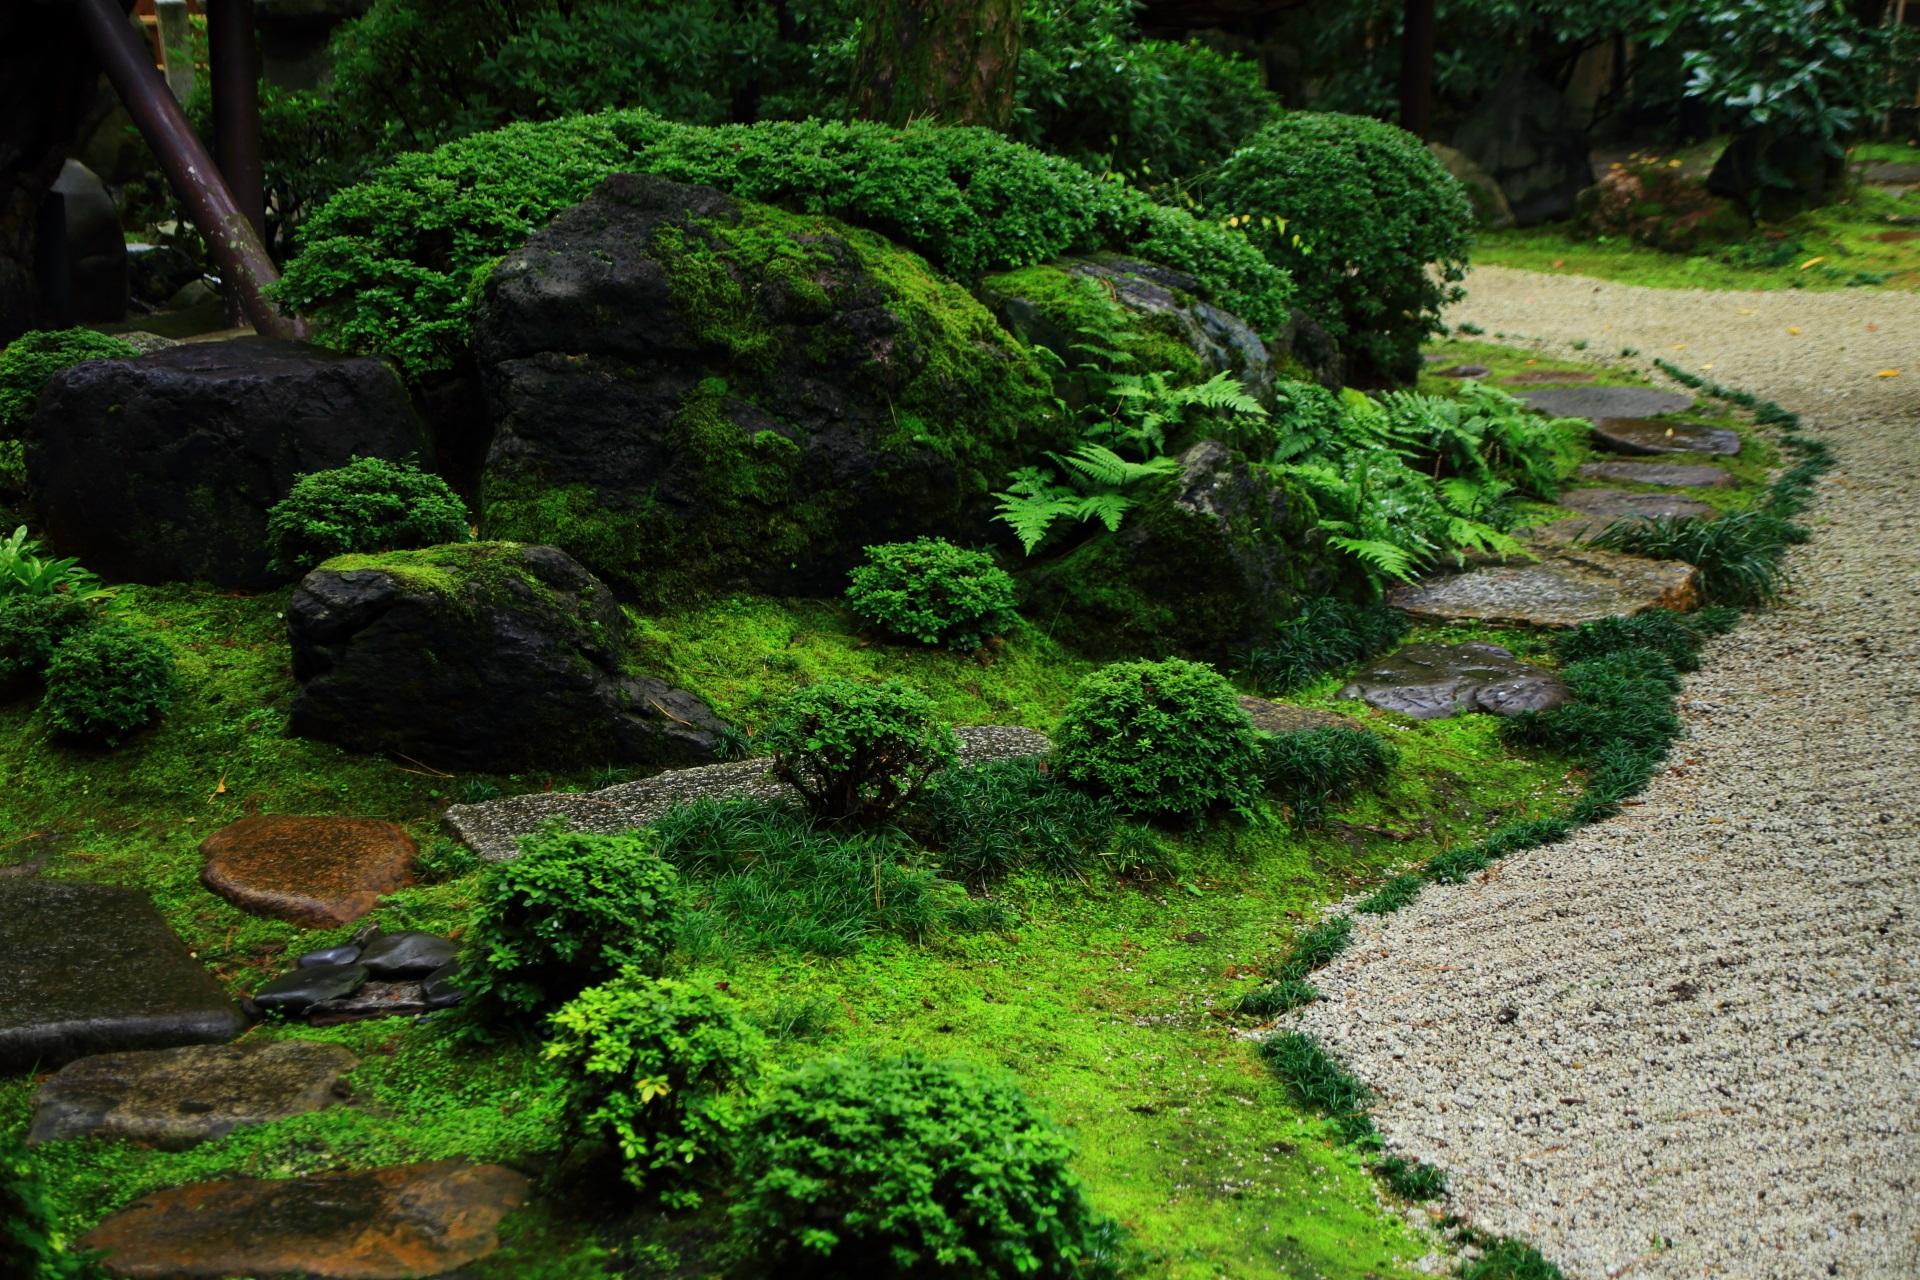 多種多様な植物の緑が綺麗な臥龍松の庭